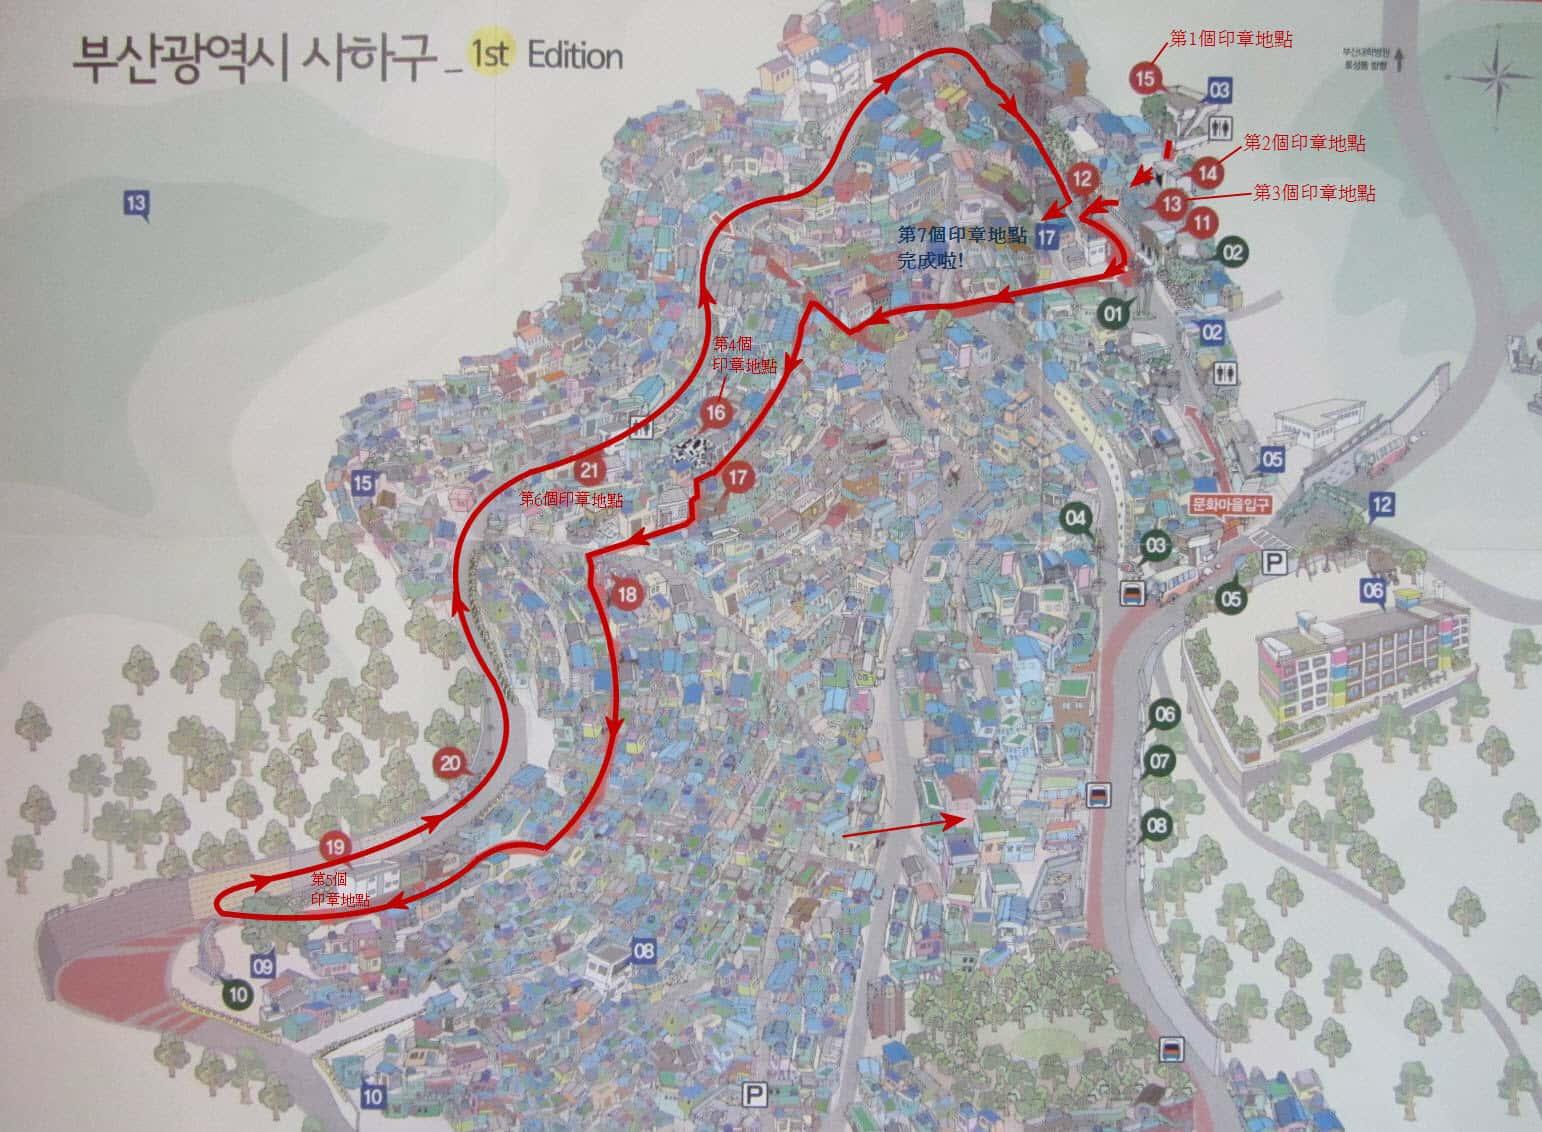 遊覽和收集甘村洞文化村印章路線地圖